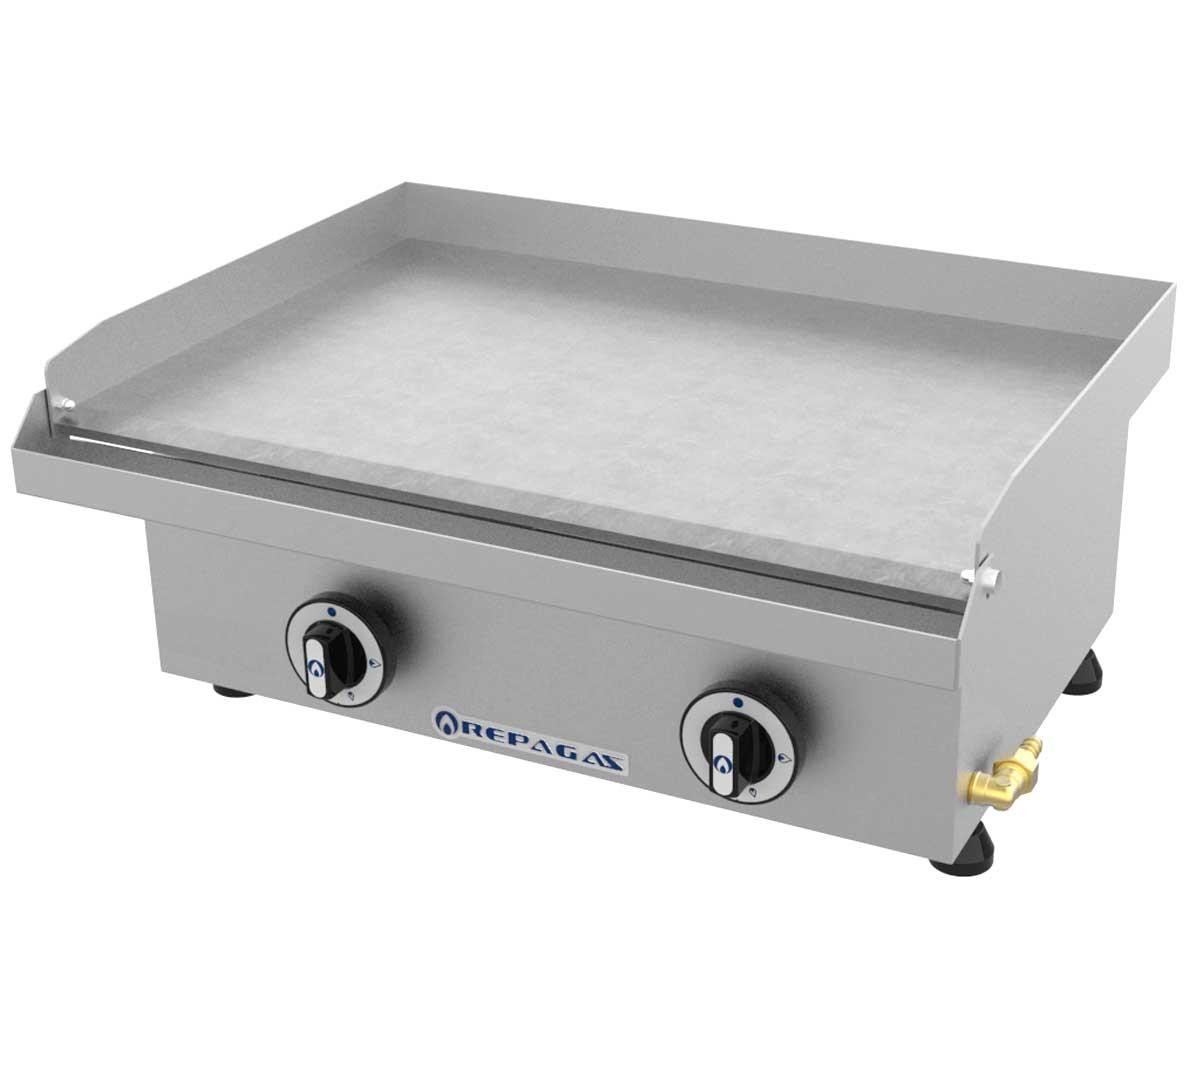 Plancha serie 440 lisa gas de repagas - Plancha para cocina a gas ...